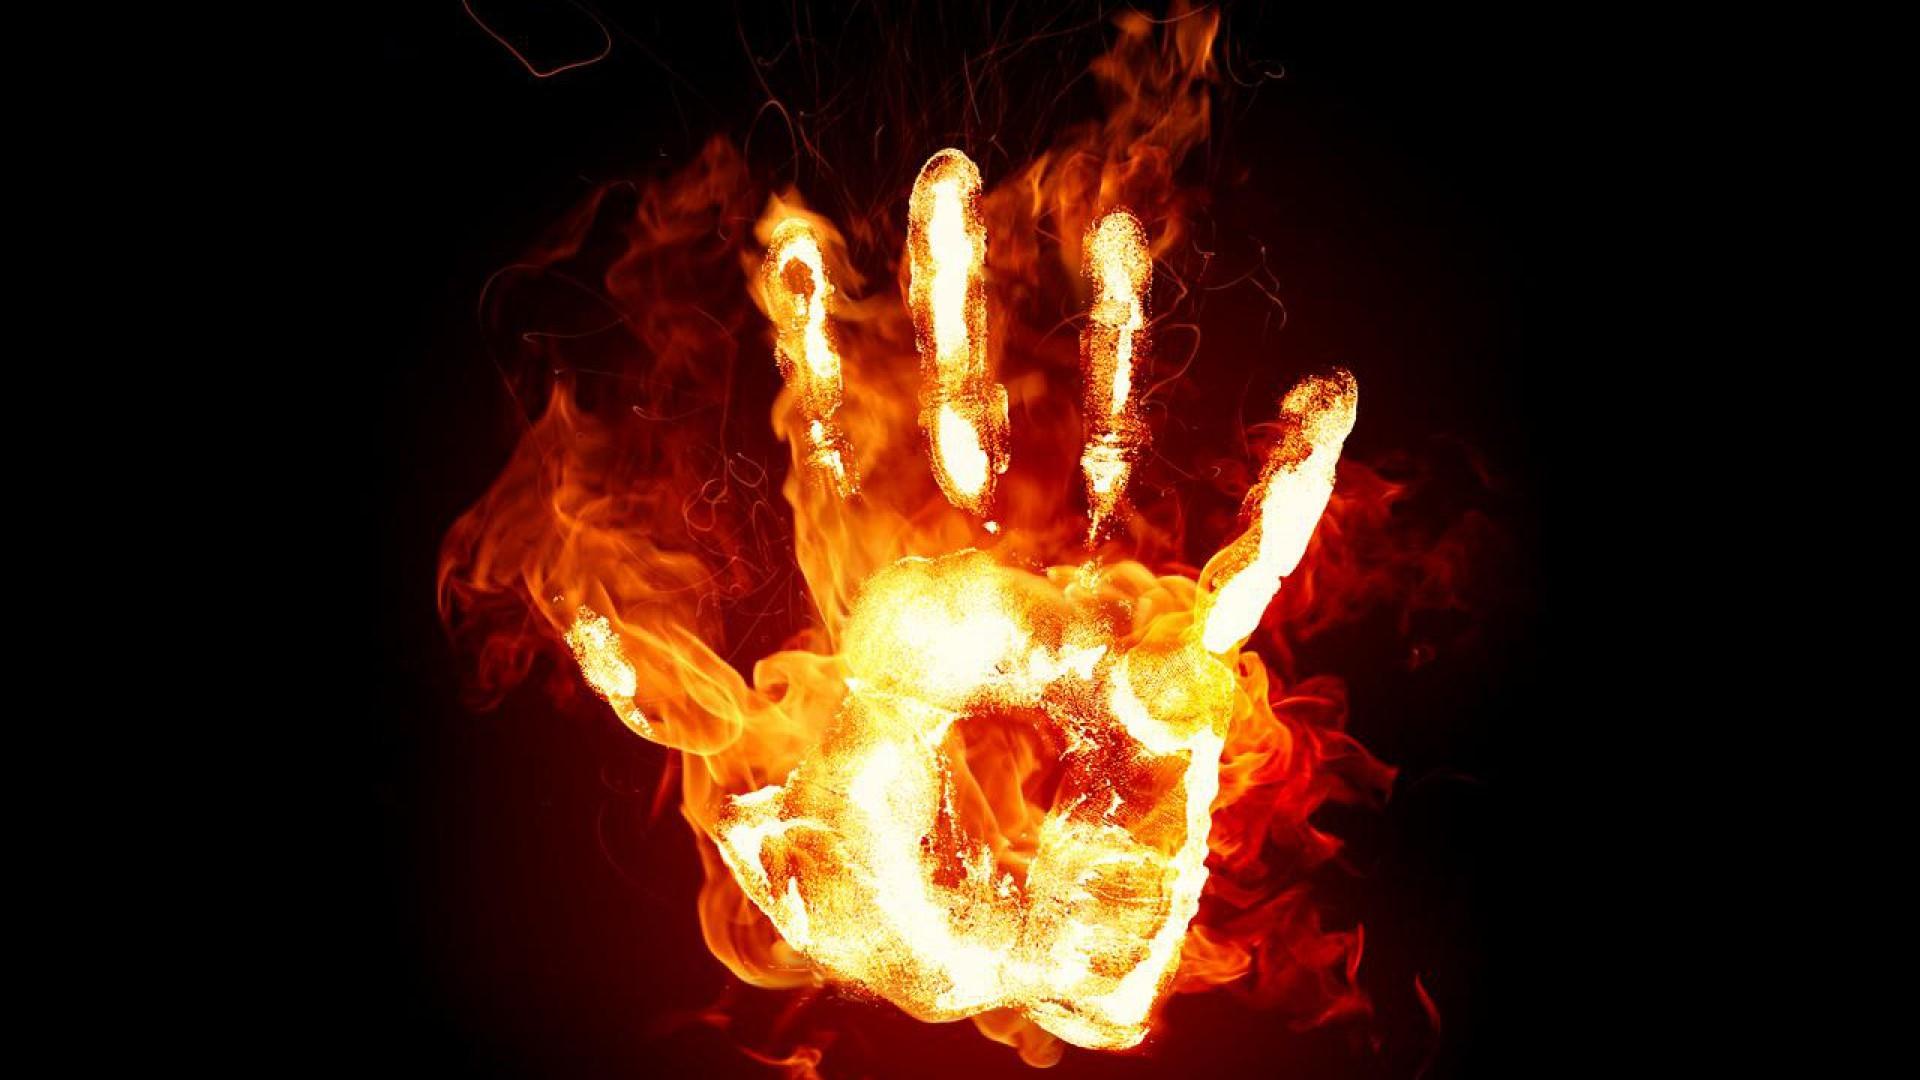 Fire hand 3d wallpaper HD.